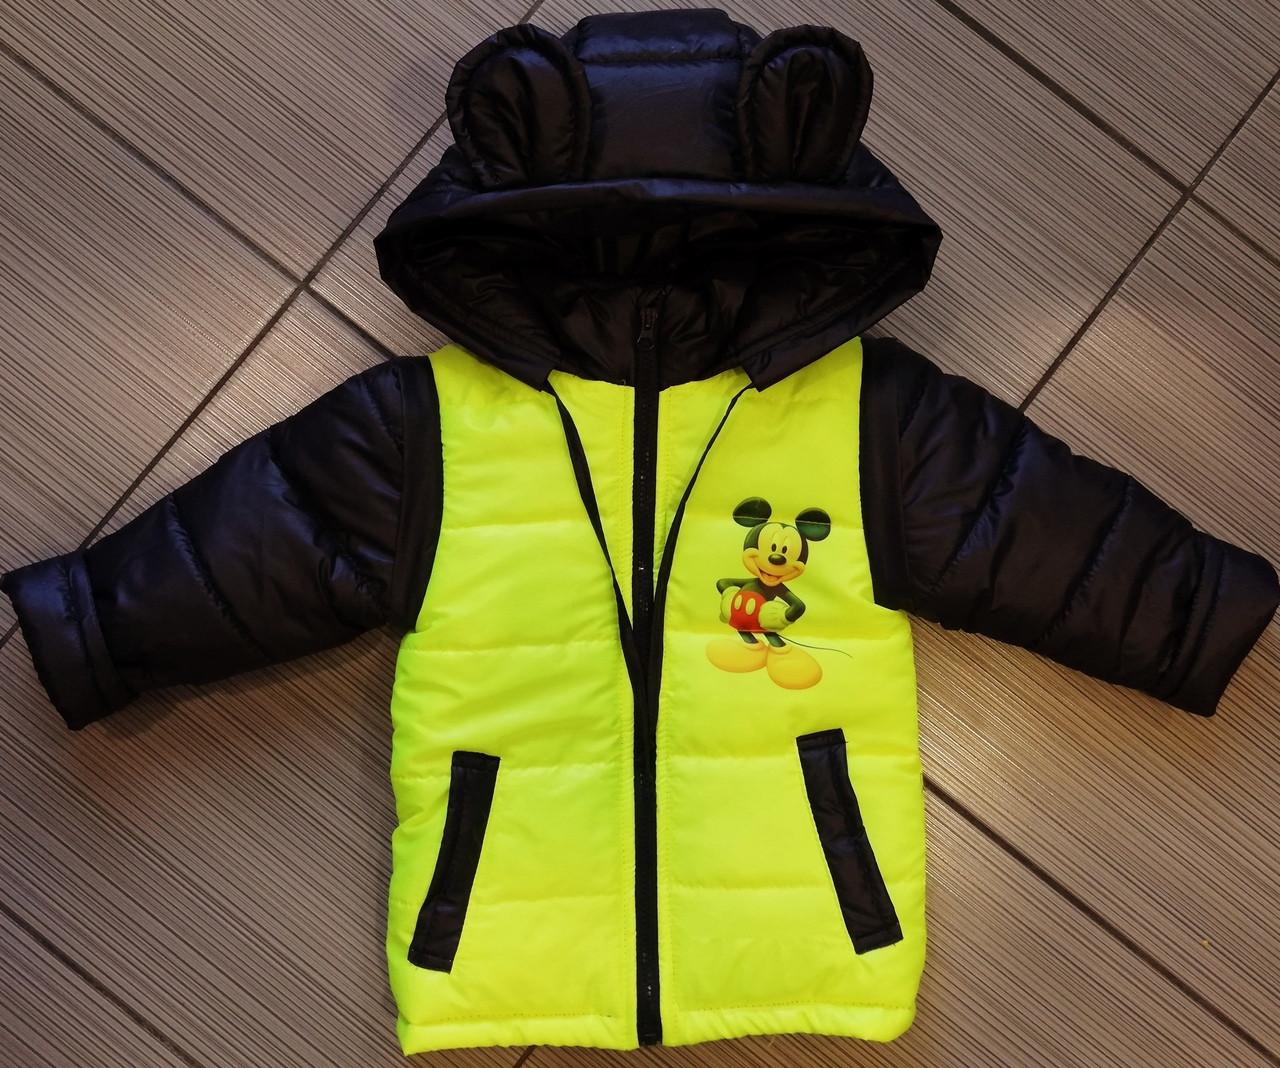 Демисезонная детская куртка Микки Маус с отстегными рукавами